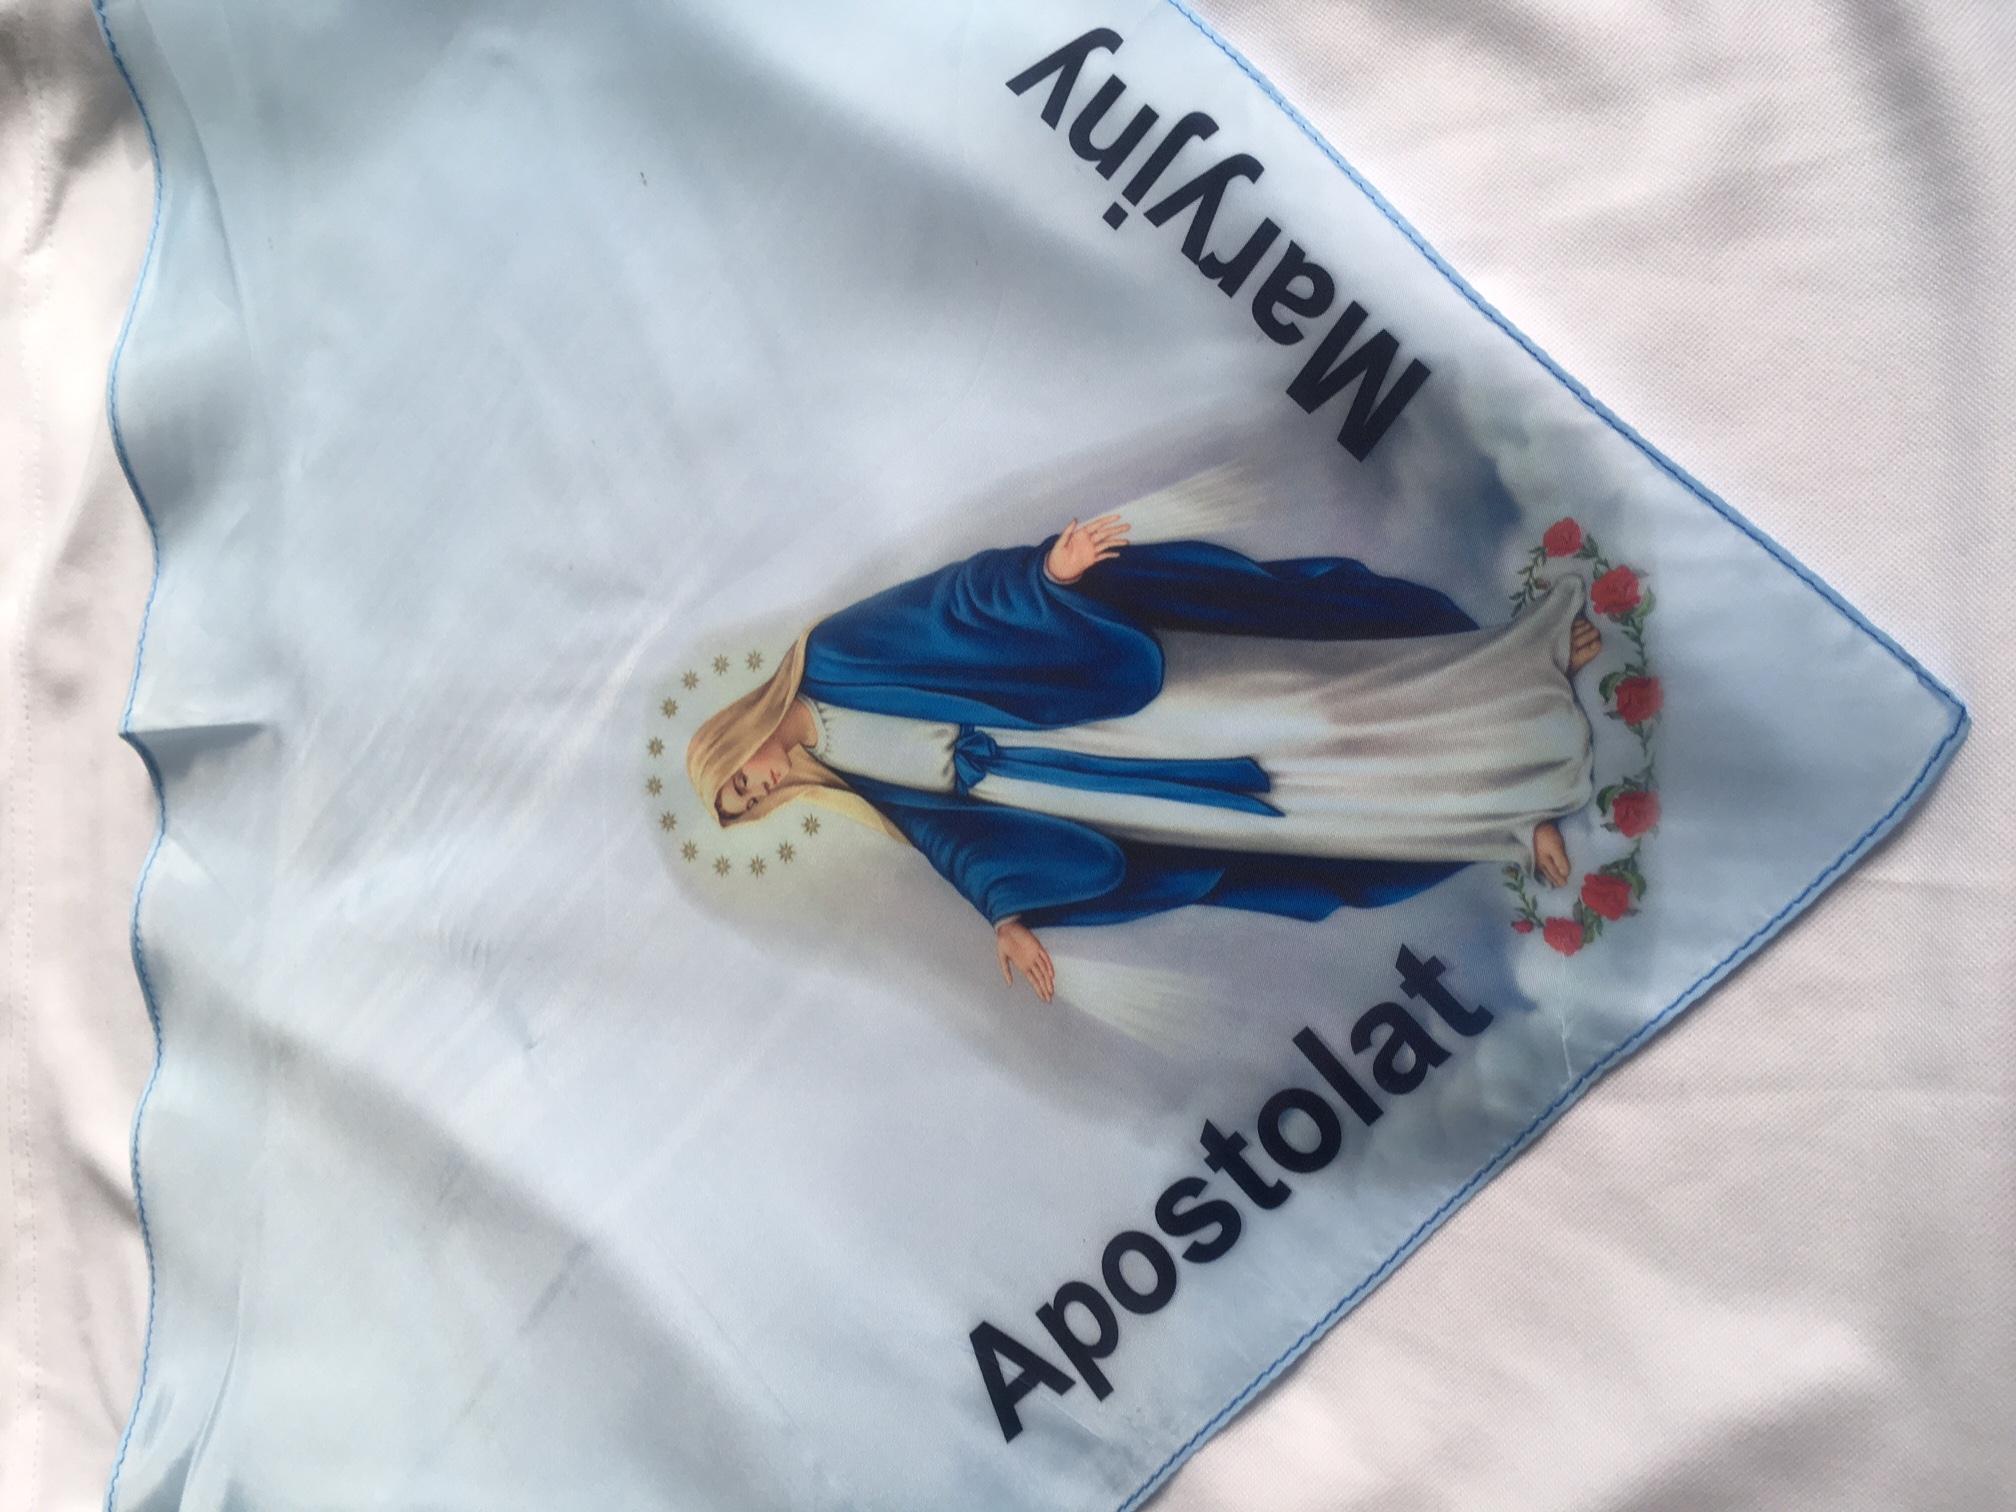 Chusta Apostolat Maryjny Algodon.pl